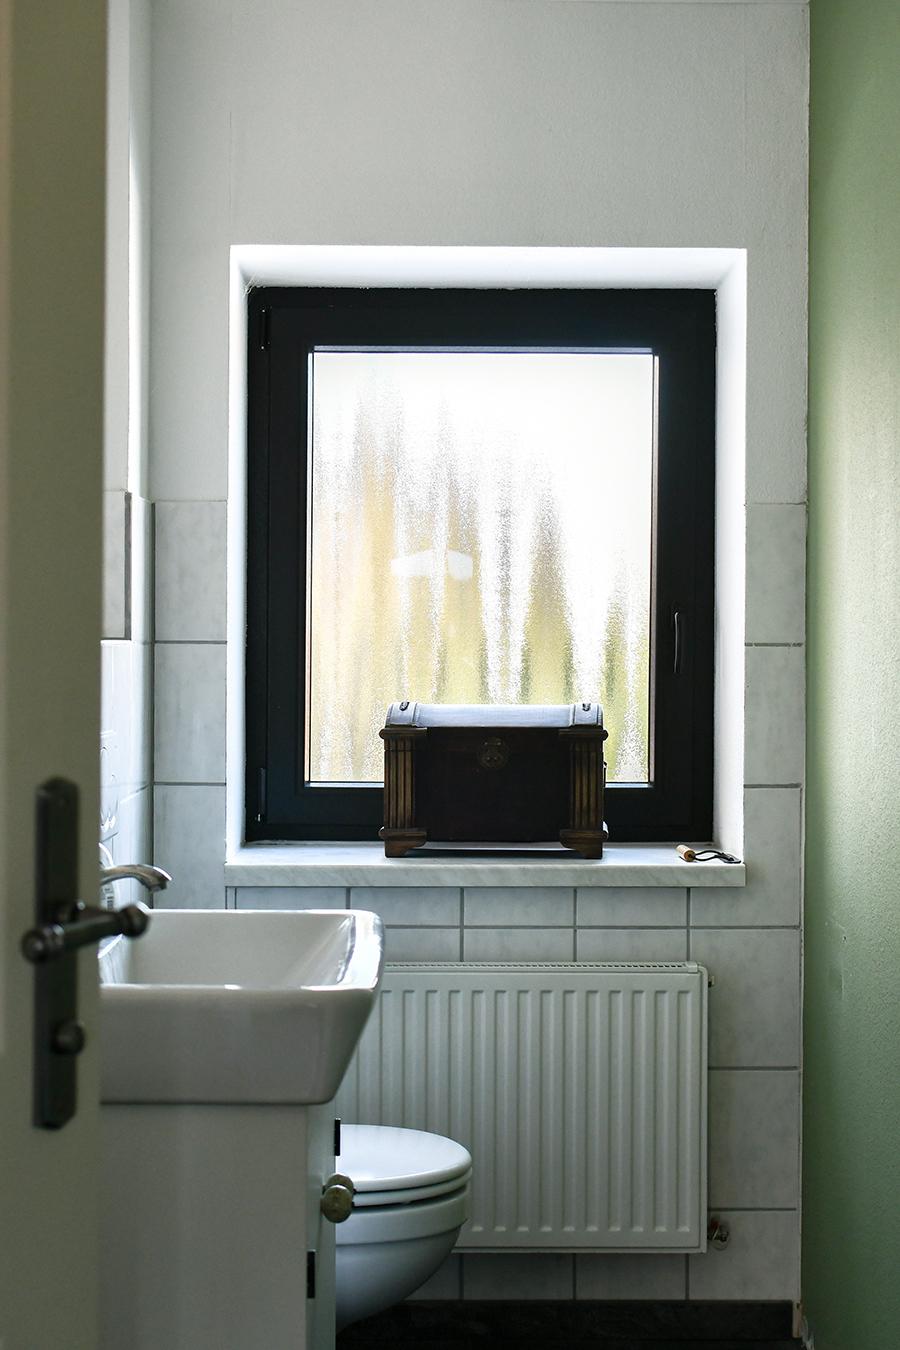 Gäste-WC: Dekoideen & Gestaltungstipps